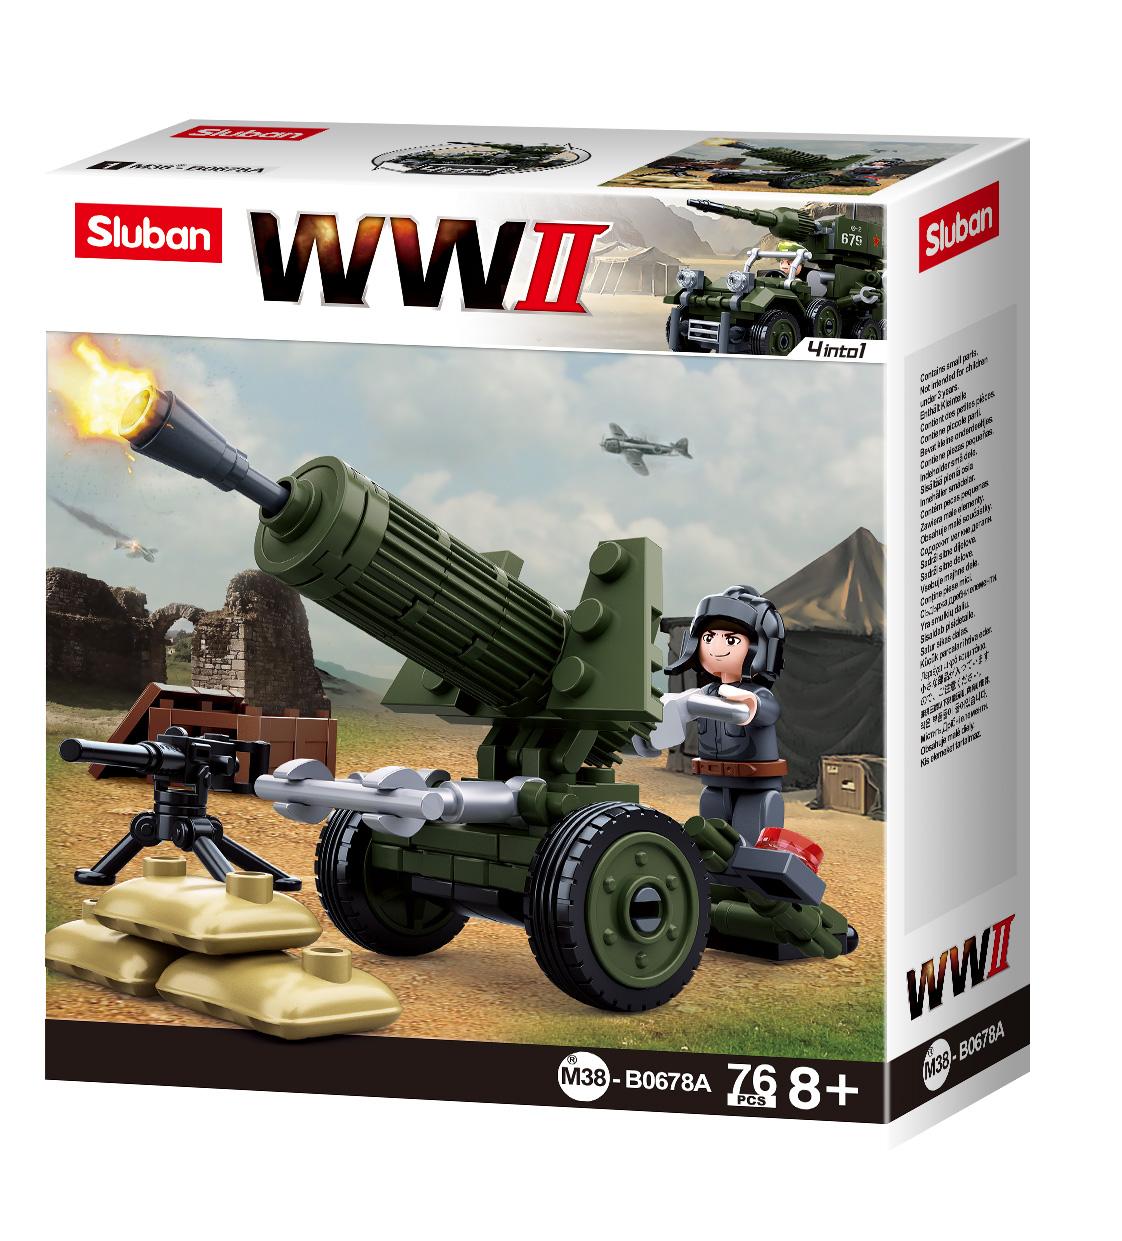 Конструктор Sluban Армия Вторая Мировая Война 4 в 1, 76 деталей